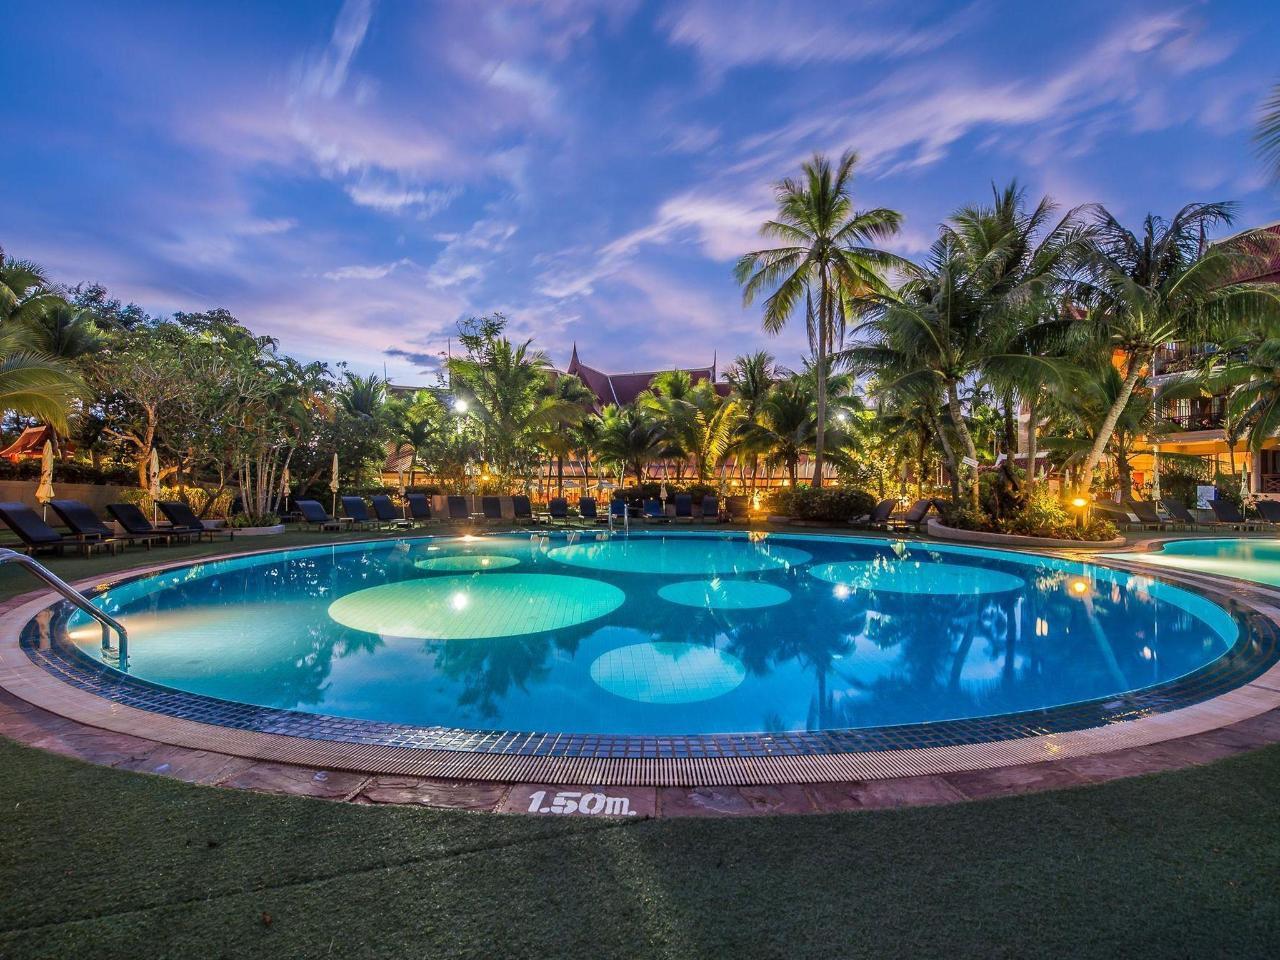 กระบี่ ไทย วิลเลจ รีสอร์ต (Krabi Thai Village Resort)